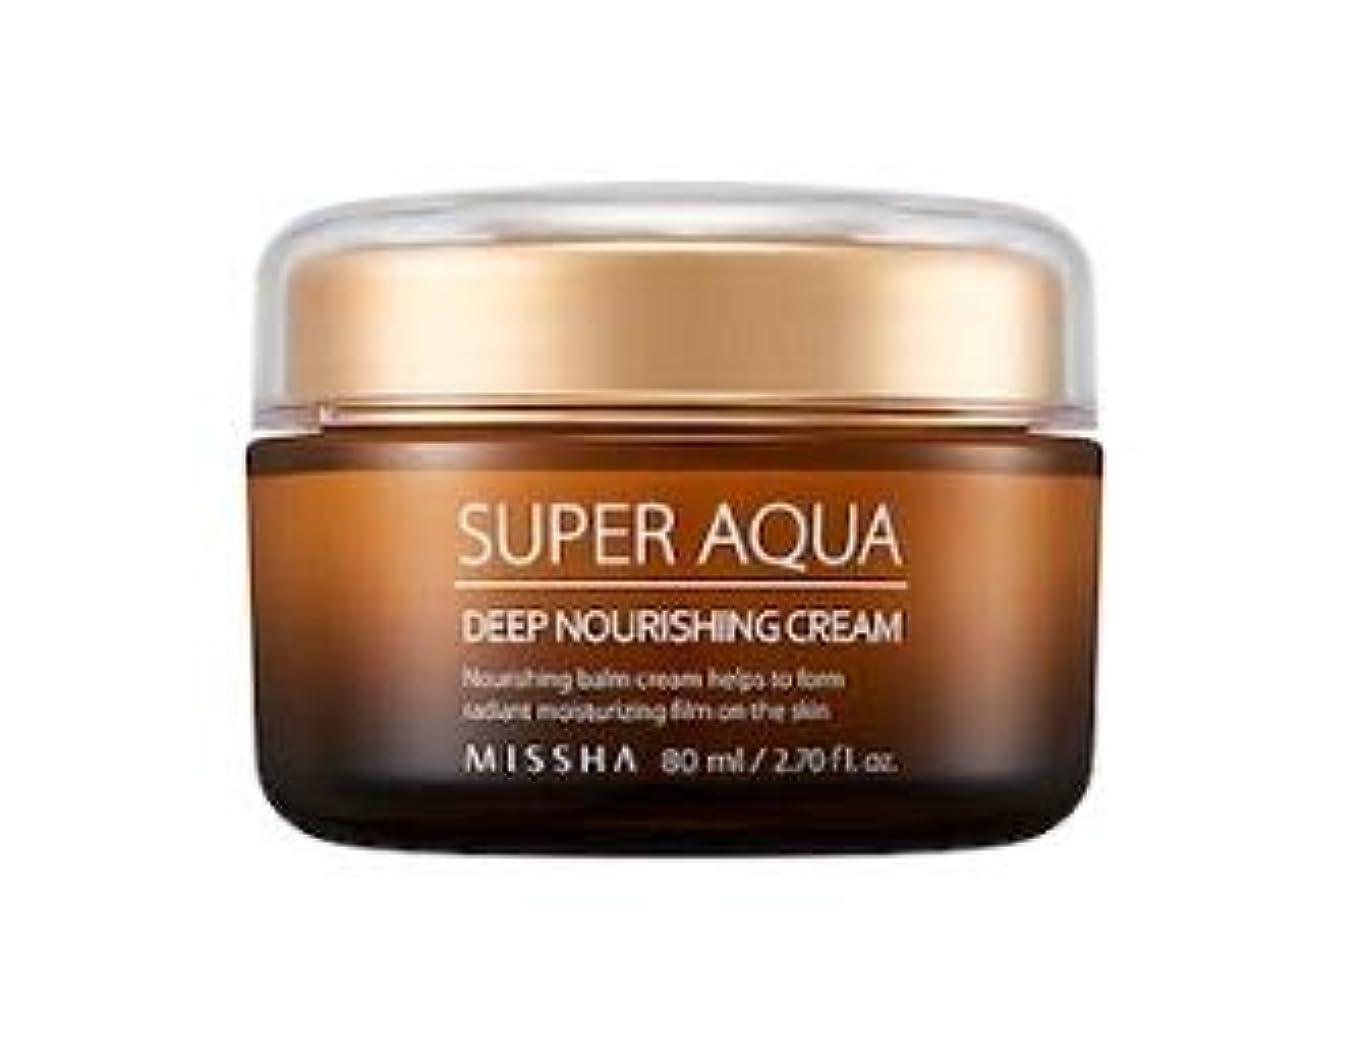 そよ風期限切れ略奪MISSHA Super Aqua Ultra Water Full Deep Nourishing Cream ミシャ スーパーアクアウルトラウォーターフルディープナリシングクリーム [並行輸入品]